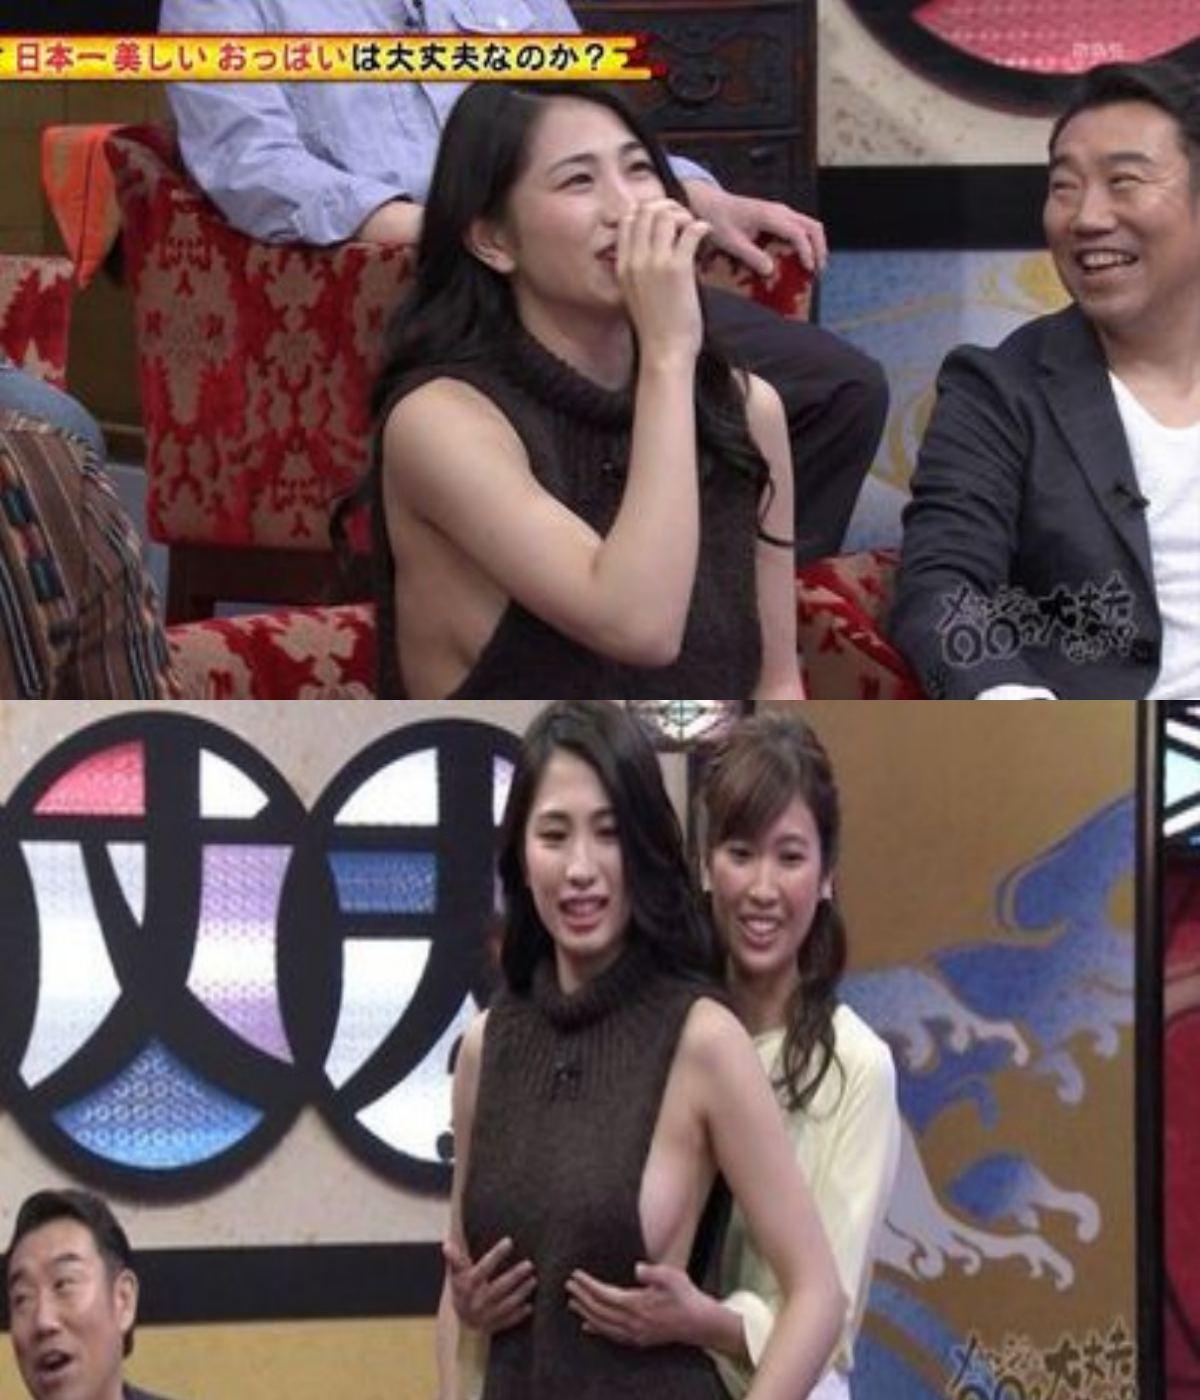 Những mỹ nhân, hoa hậu sở hữ vòng 1 'siêu đẹp', khi tham gia game show bị đụng chạm ngay trên sóng truyền hình - Ảnh 5